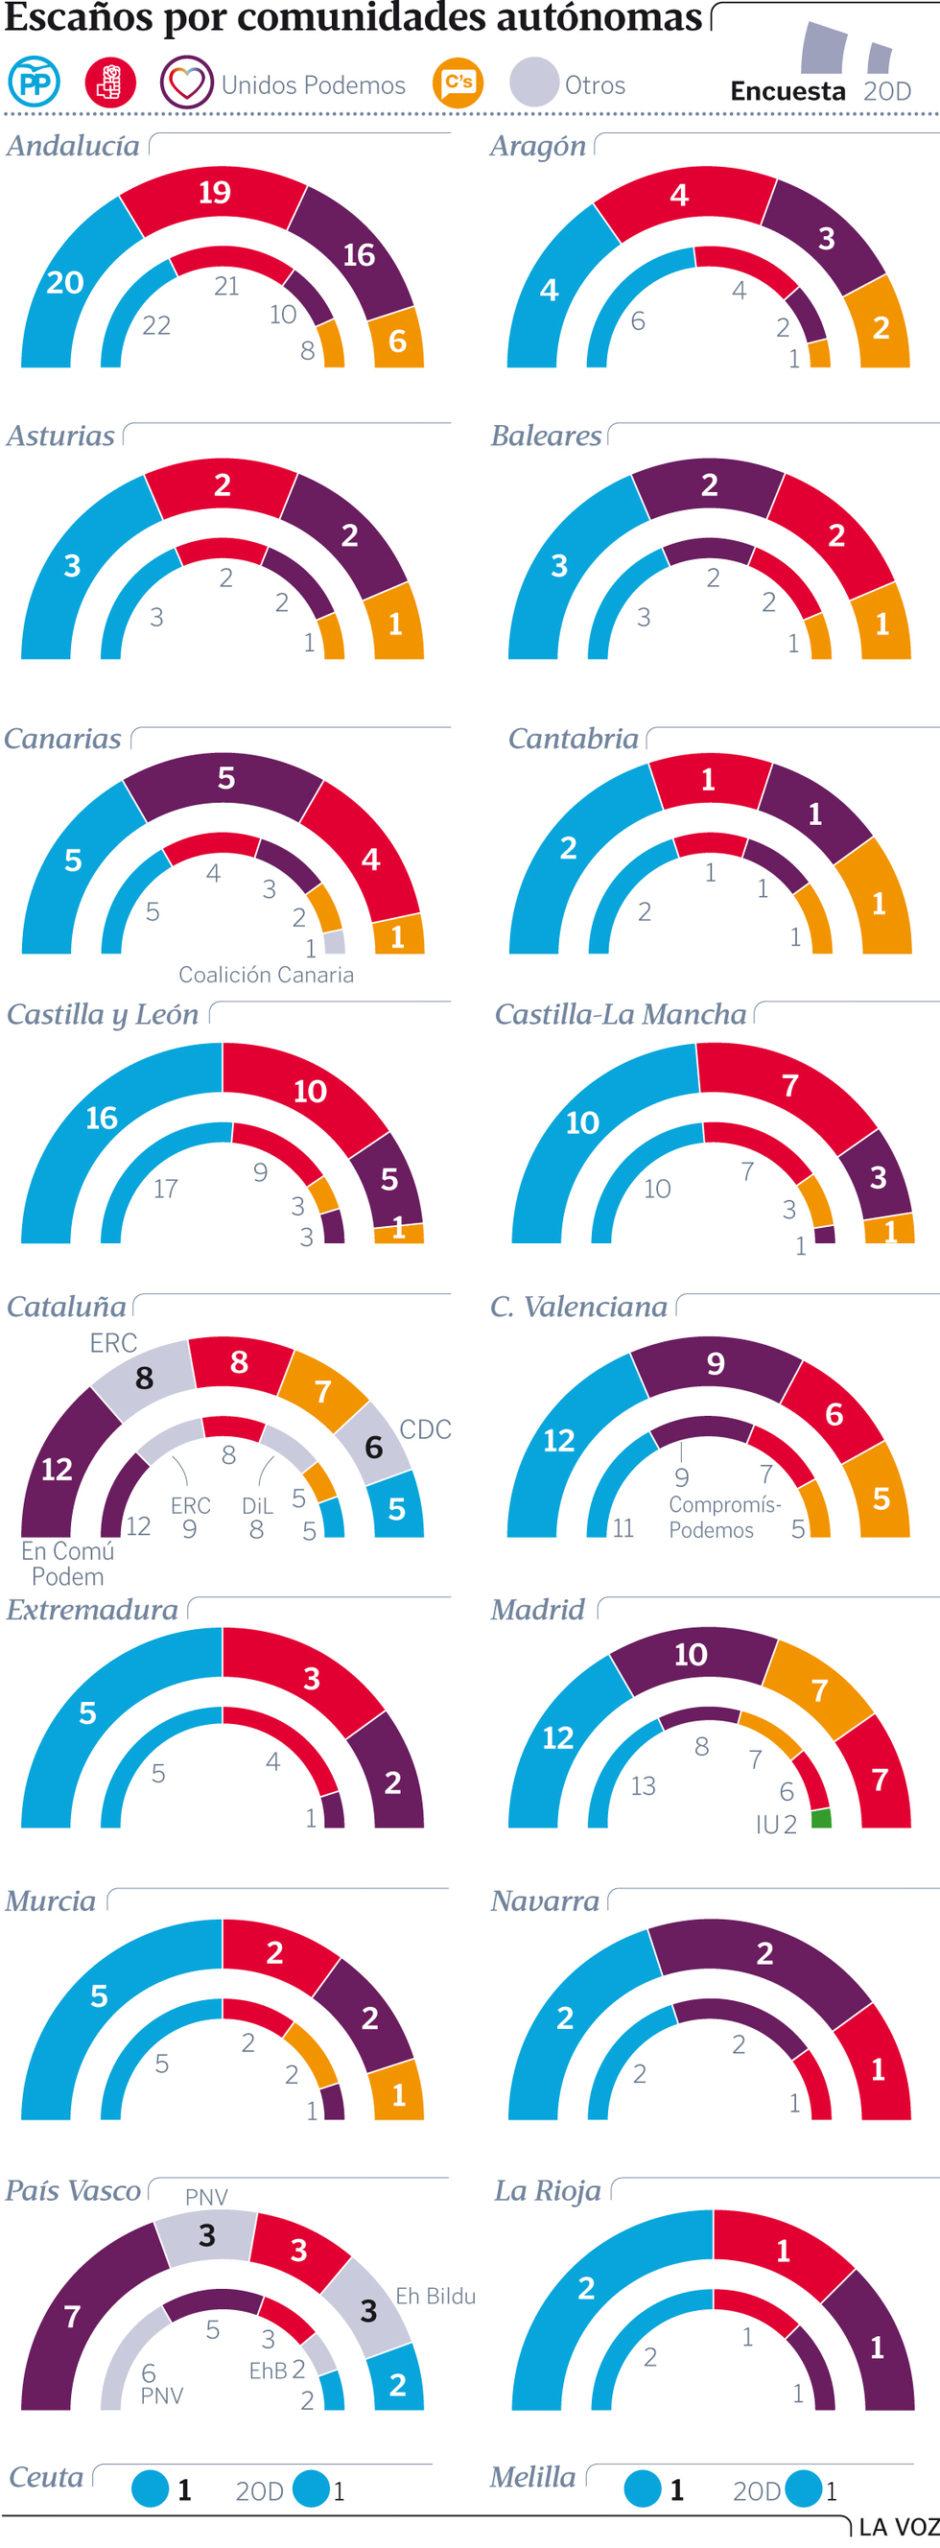 sondaxeComunidades